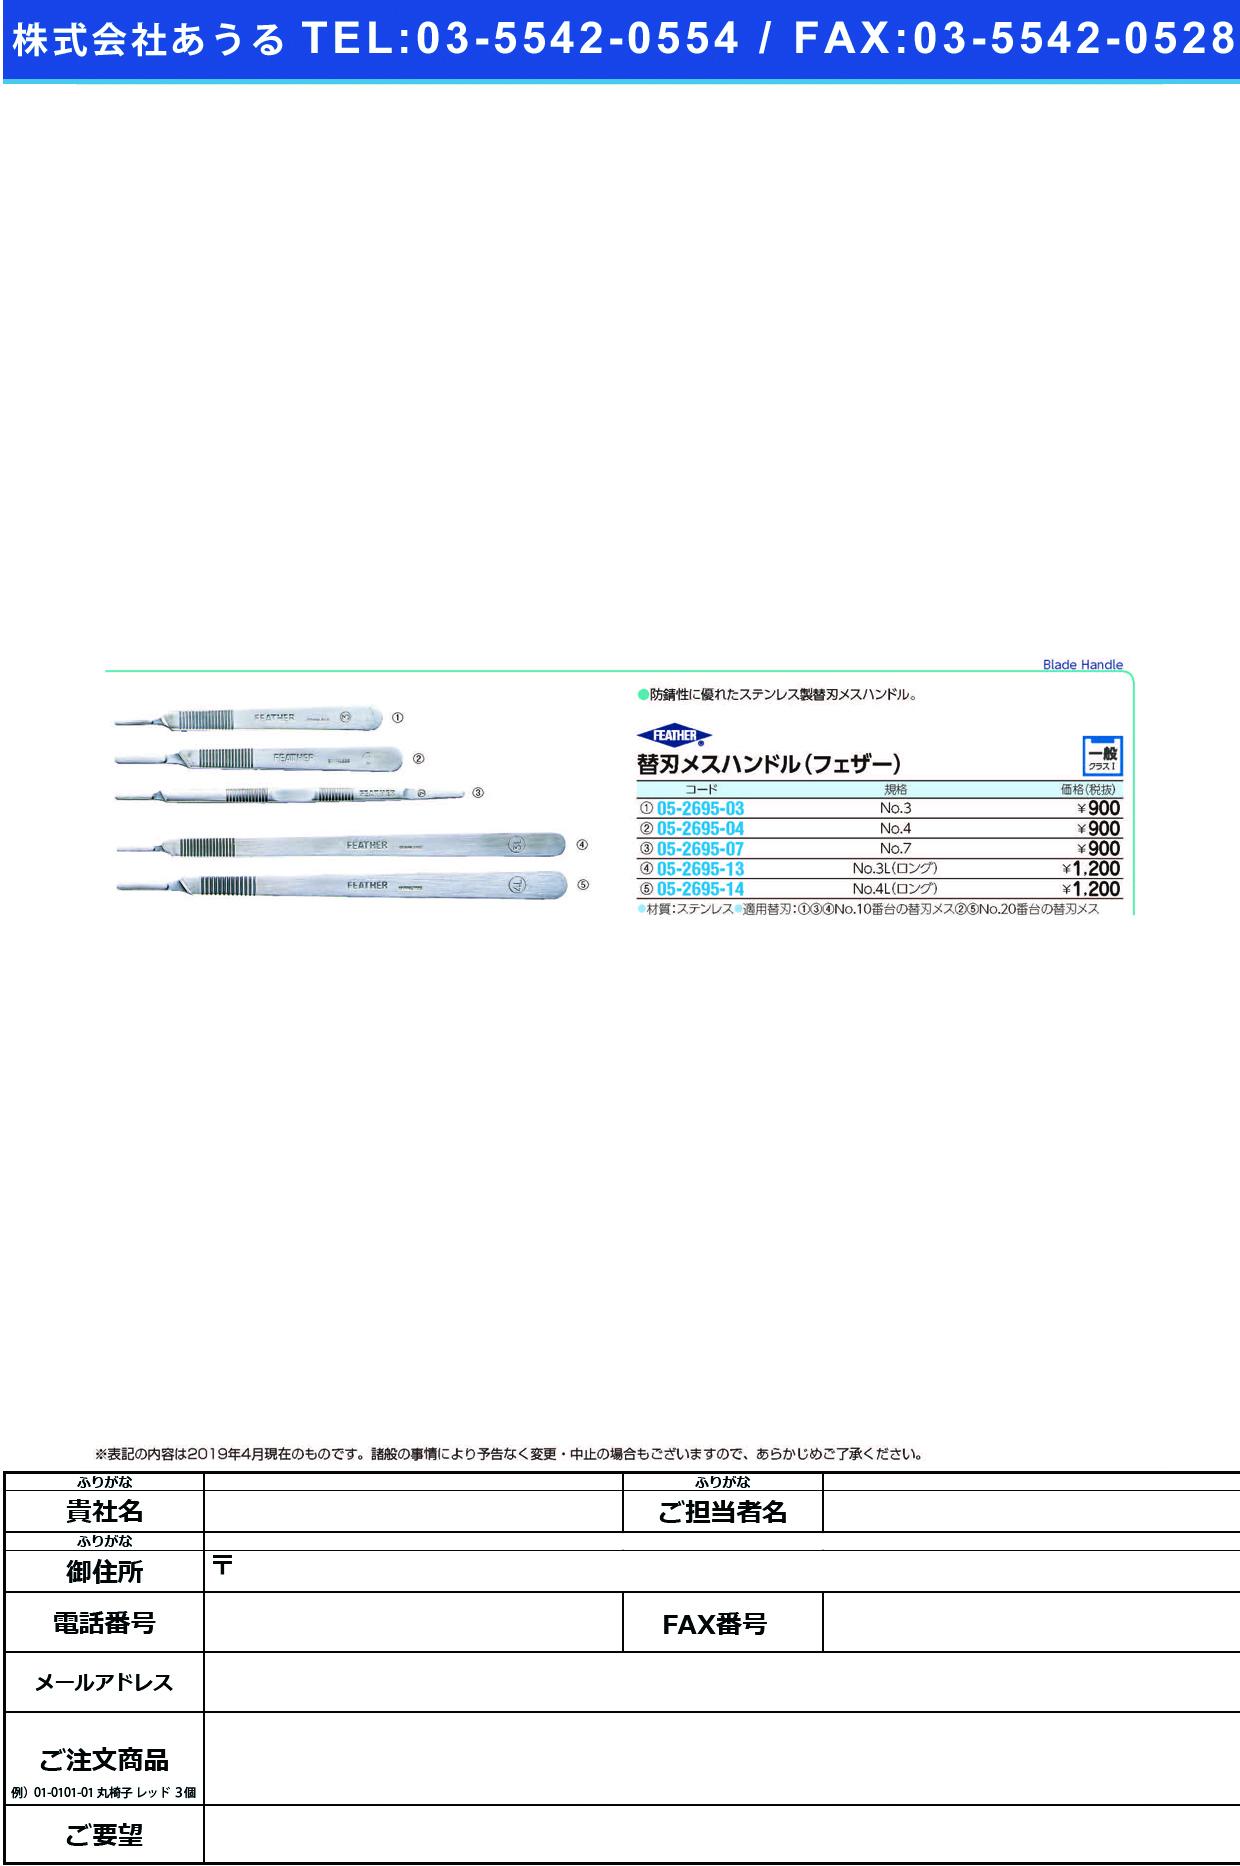 (05-2695-13)替刃メスハンドル(フェザー) NO.3L(ロング) カエバメスハンドル(フェザー安全剃刀)【1本単位】【2019年カタログ商品】